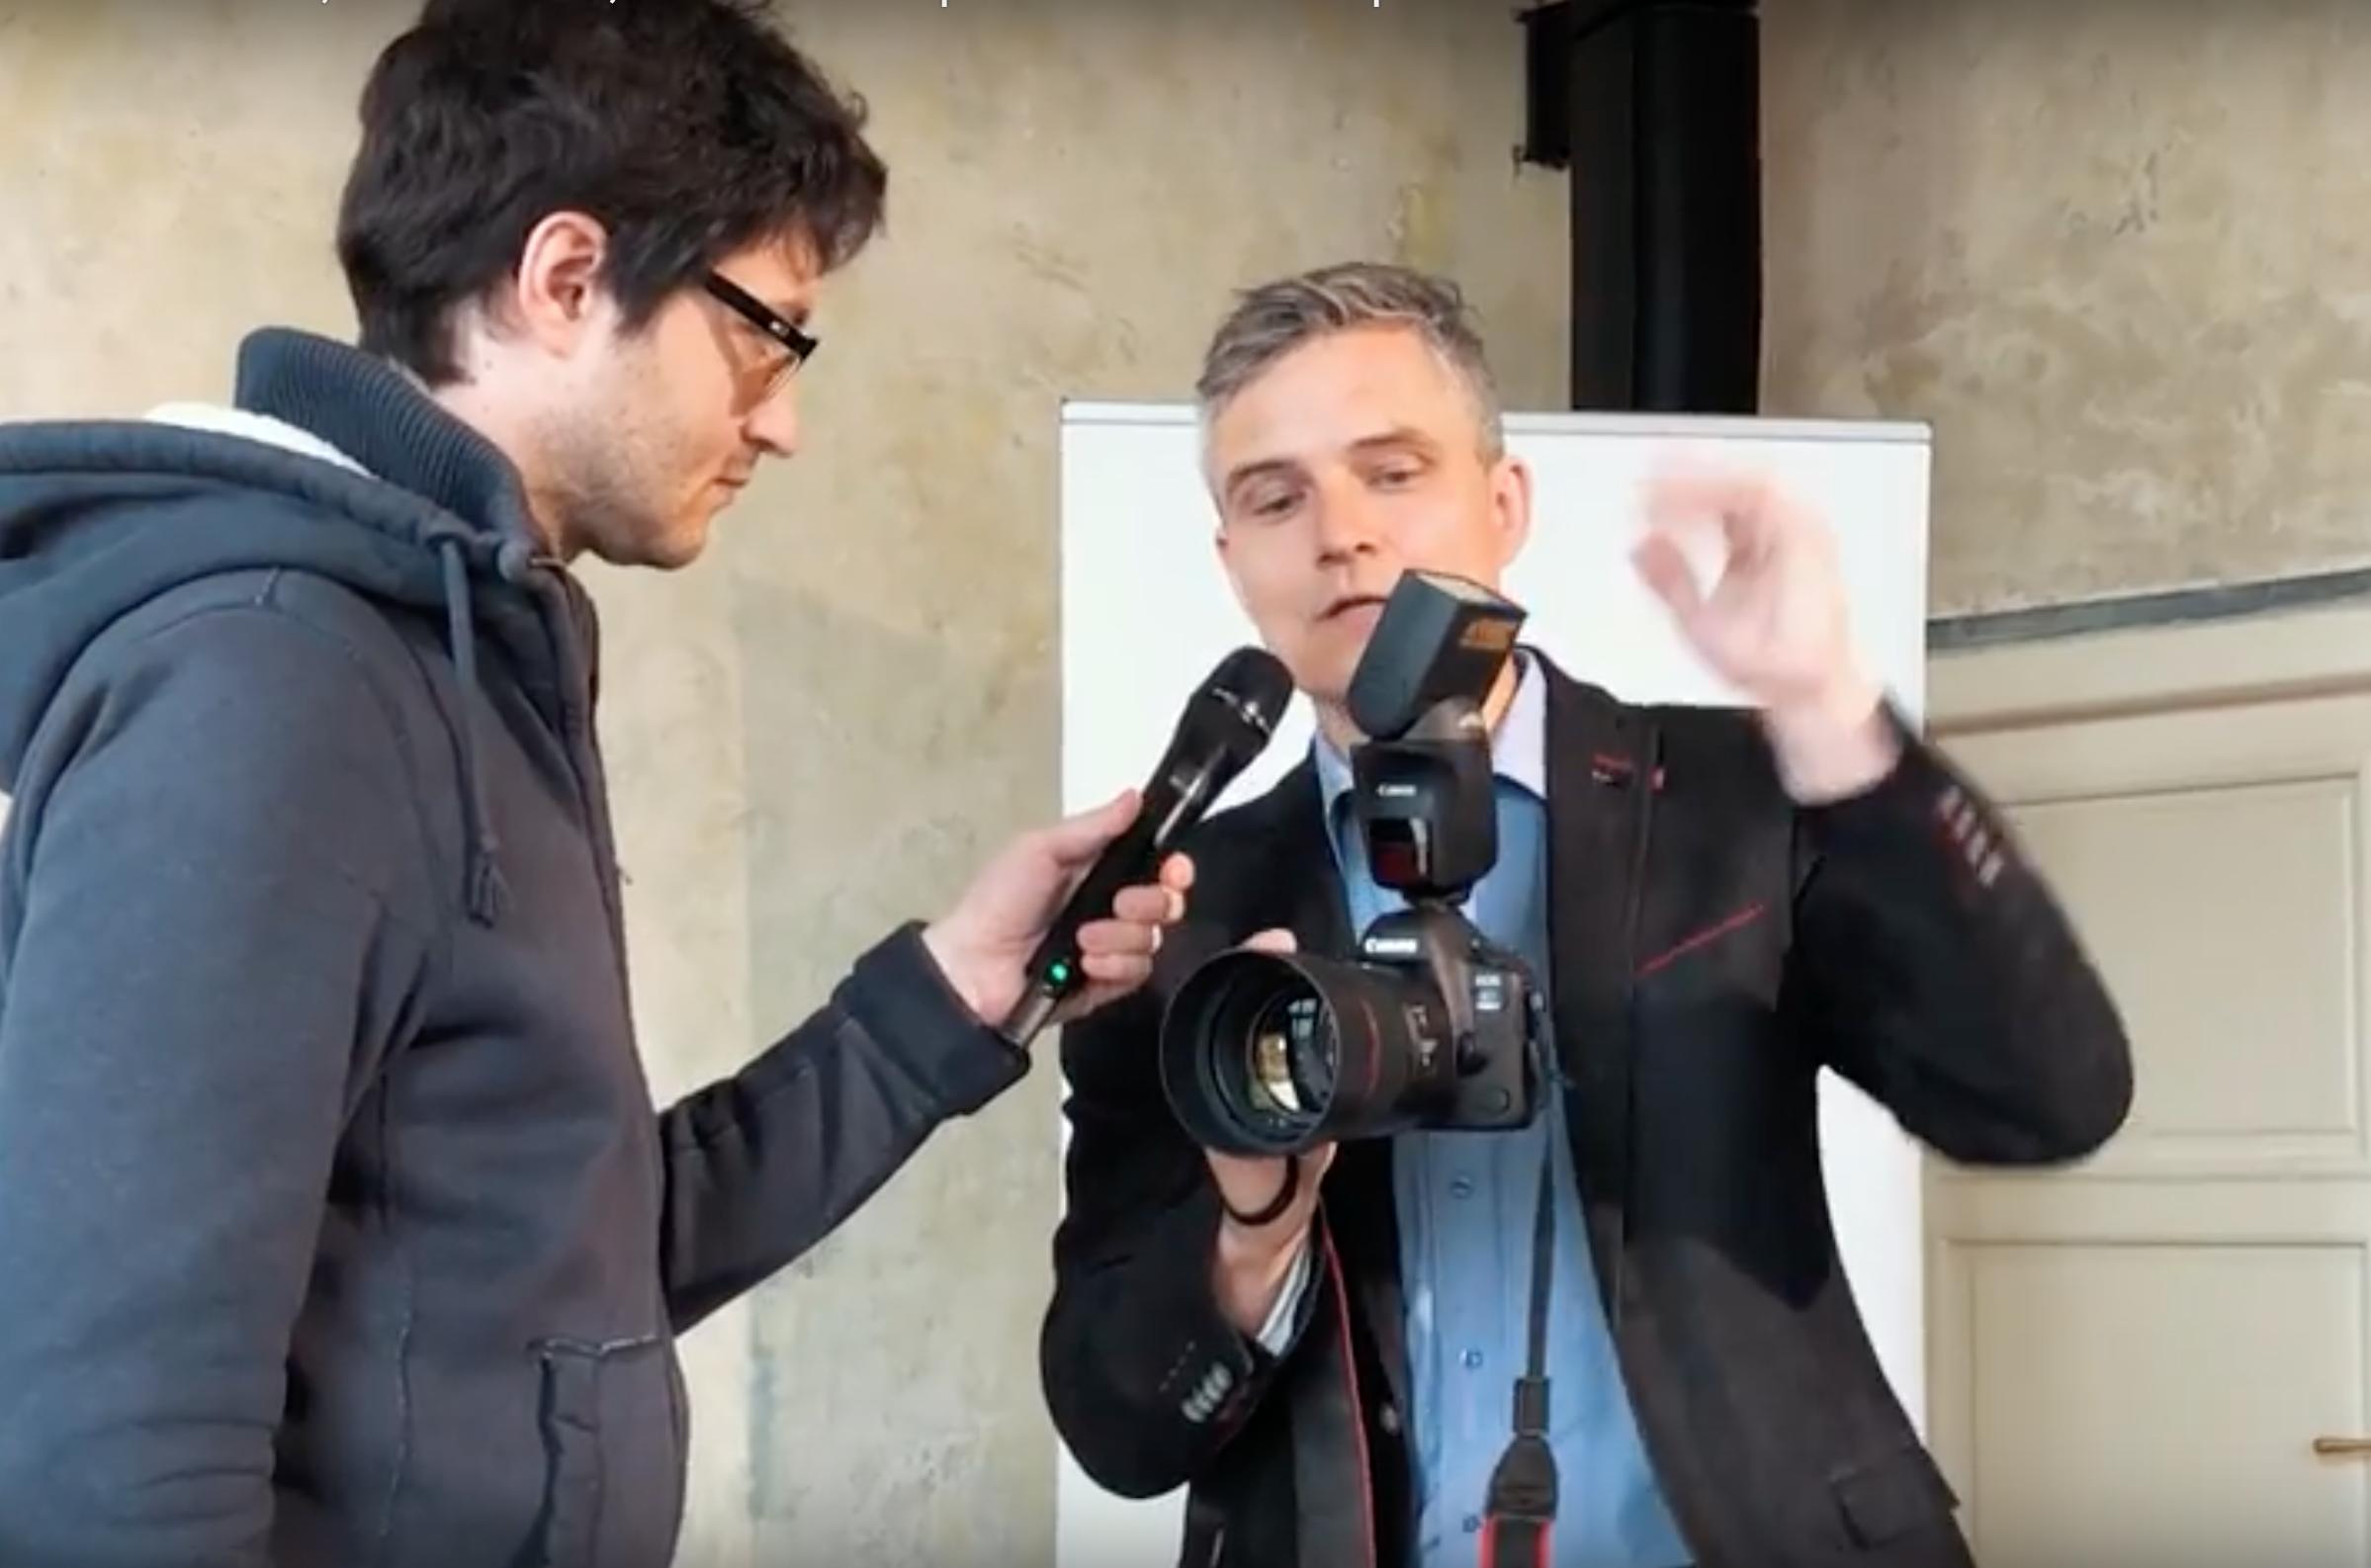 Canon novinky 2018 – dvě zrcadlovky, jedna bezzrcadlovka a chytrý blesk